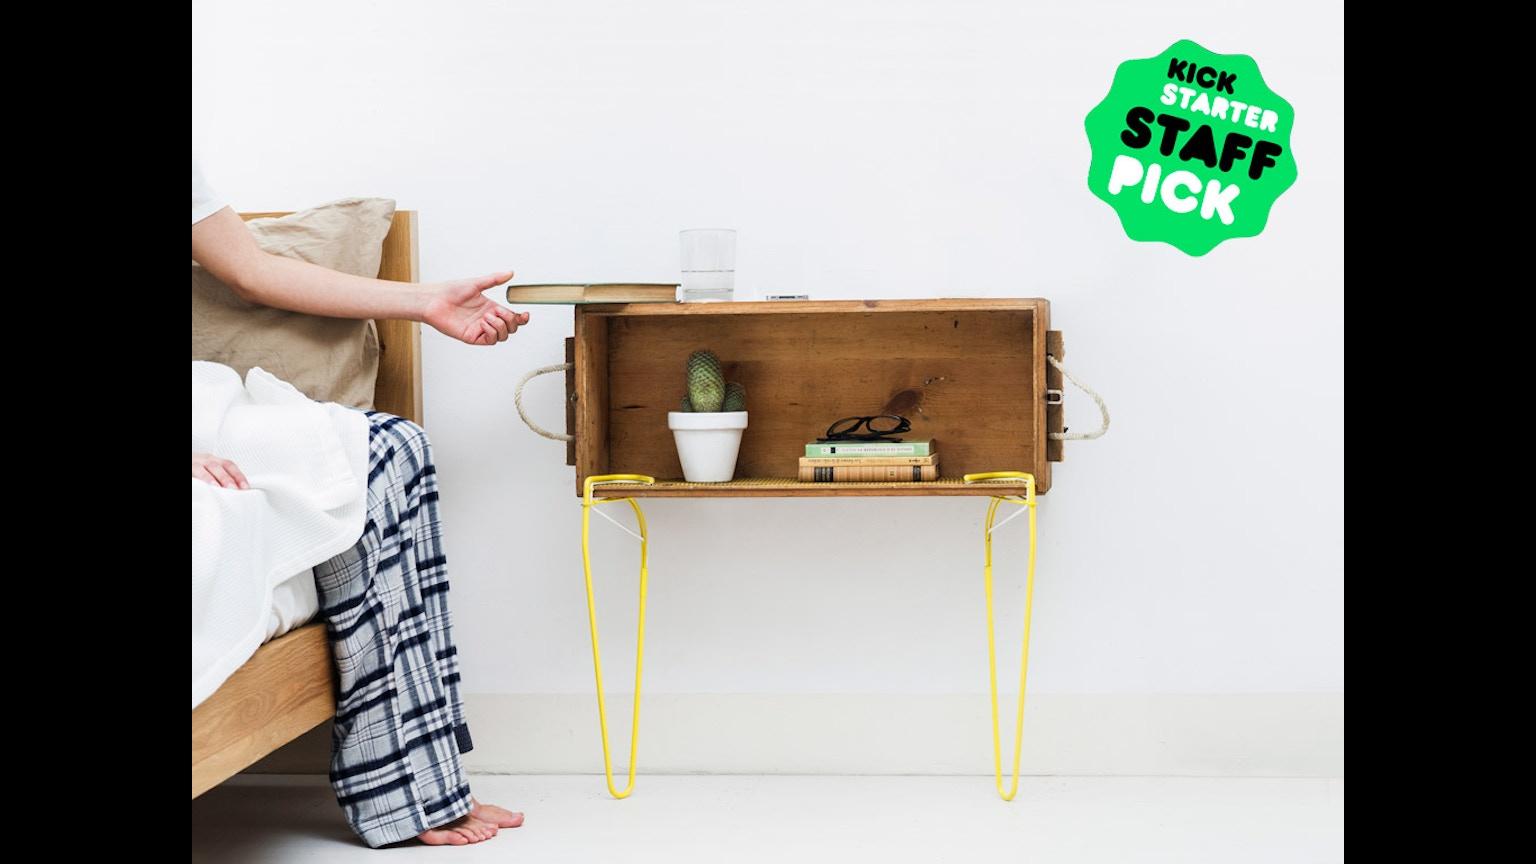 snap design your own furniture by be elastic kickstarter. Black Bedroom Furniture Sets. Home Design Ideas